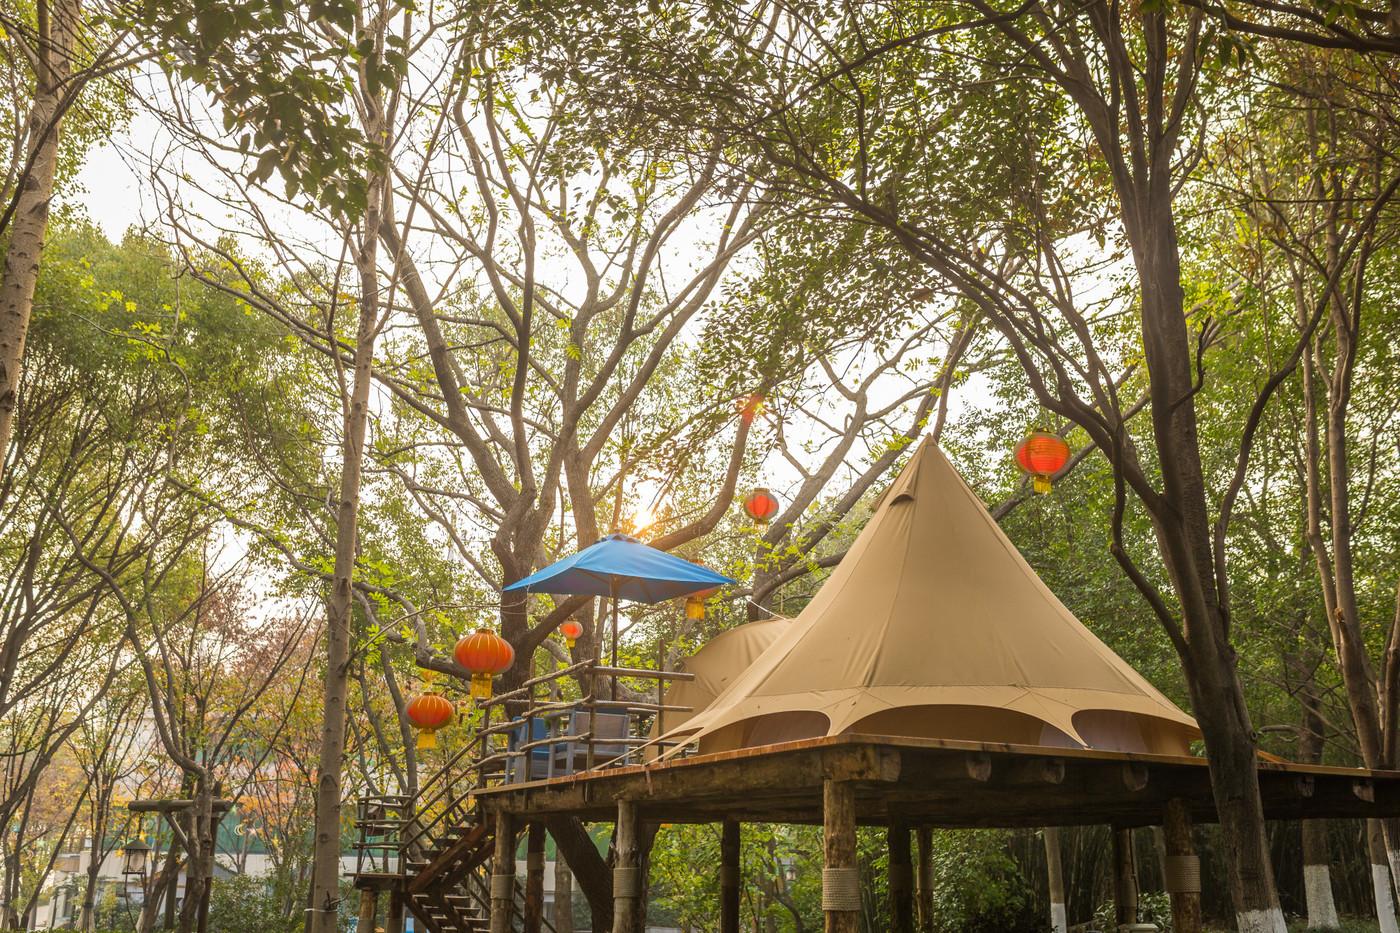 喜马拉雅野奢帐篷酒店—江苏常州天目湖树屋24